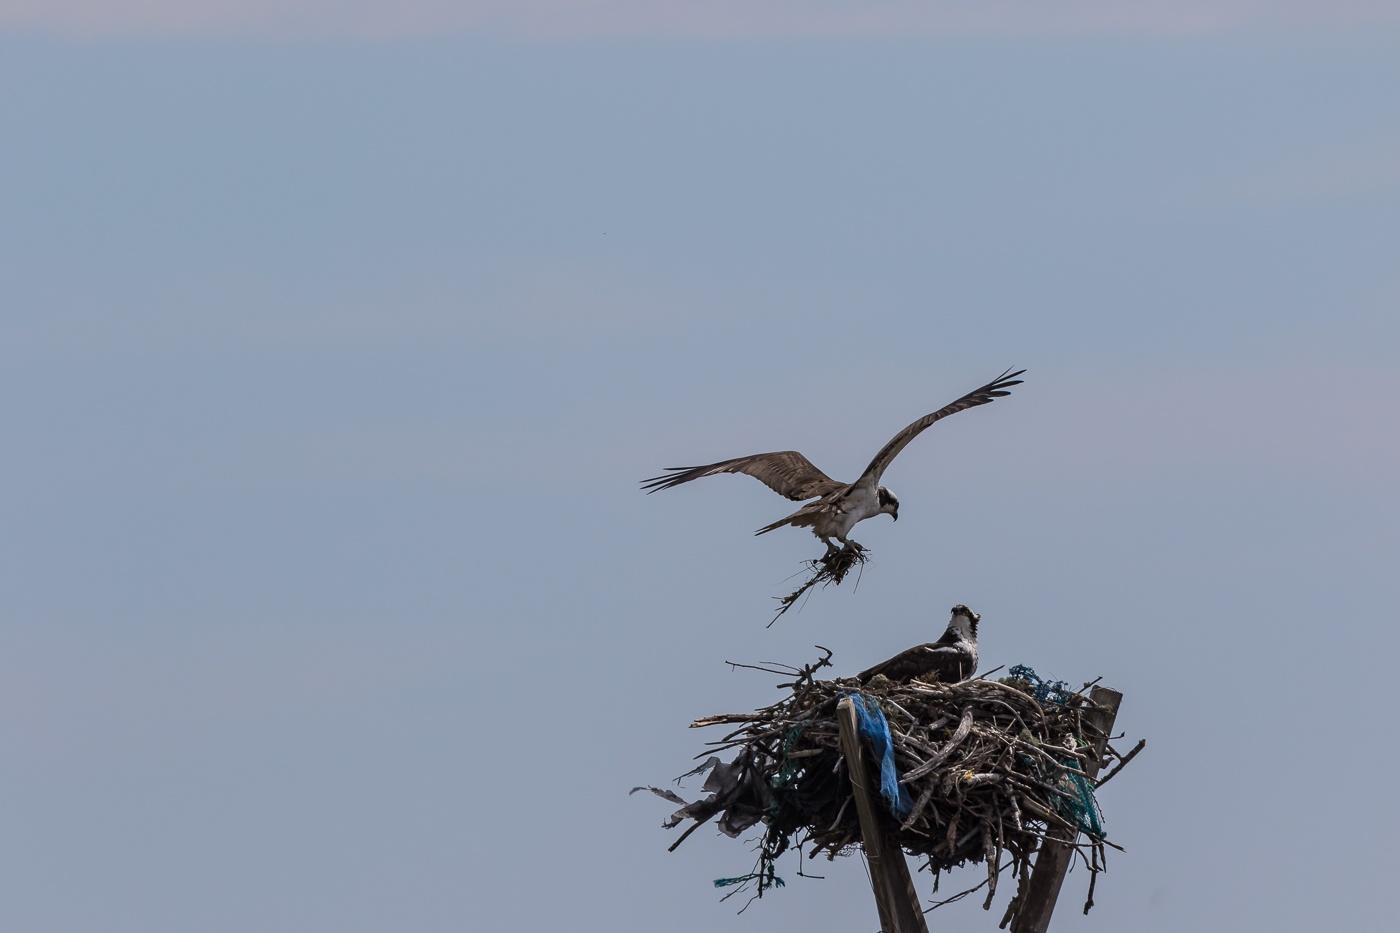 Osprey Spring Nesting by jbrissettephoto